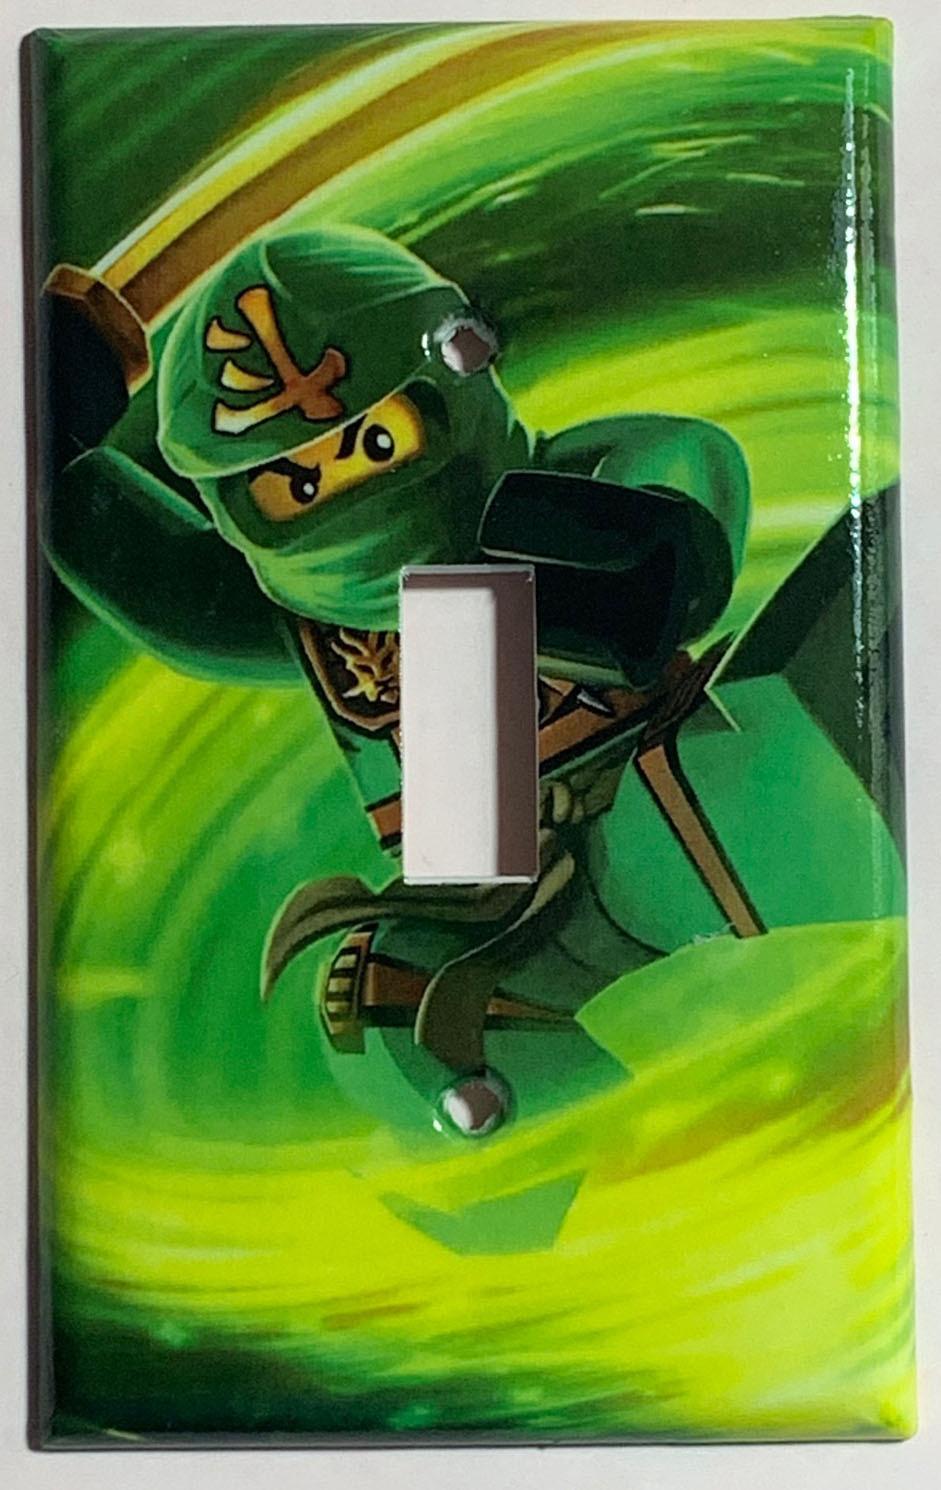 Lego ninjago lloyd green toggle single